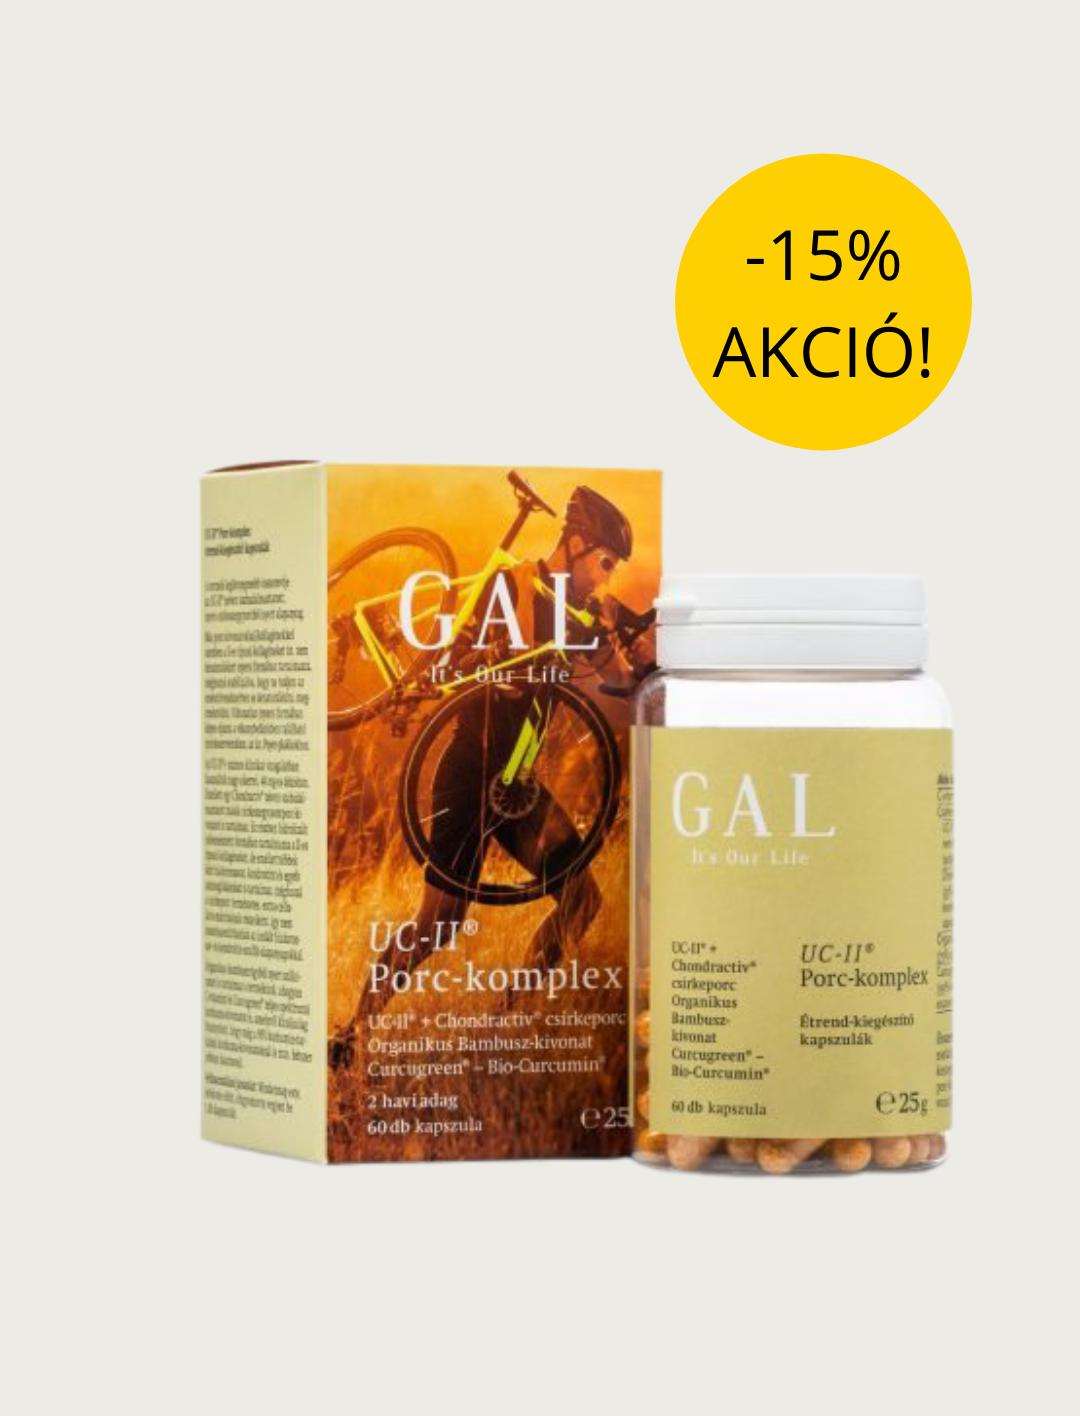 -15% AKCIÓ! (1)